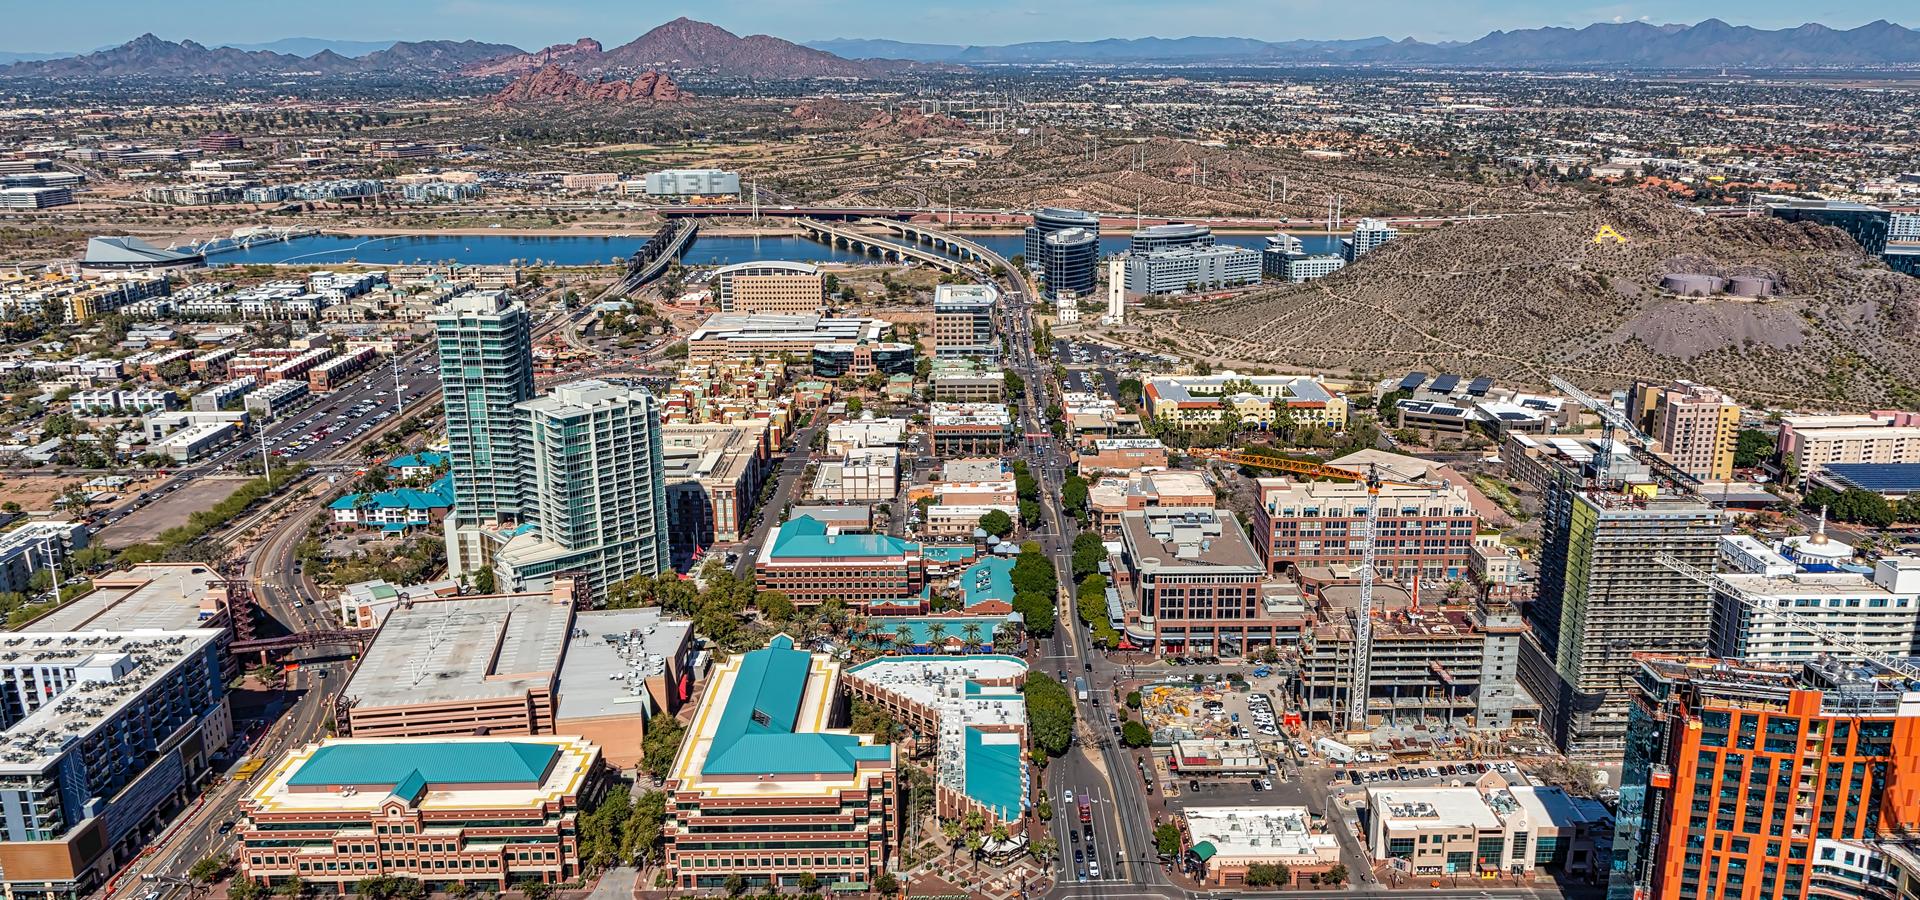 Peer-to-peer advisory in Tempe, Arizona, USA